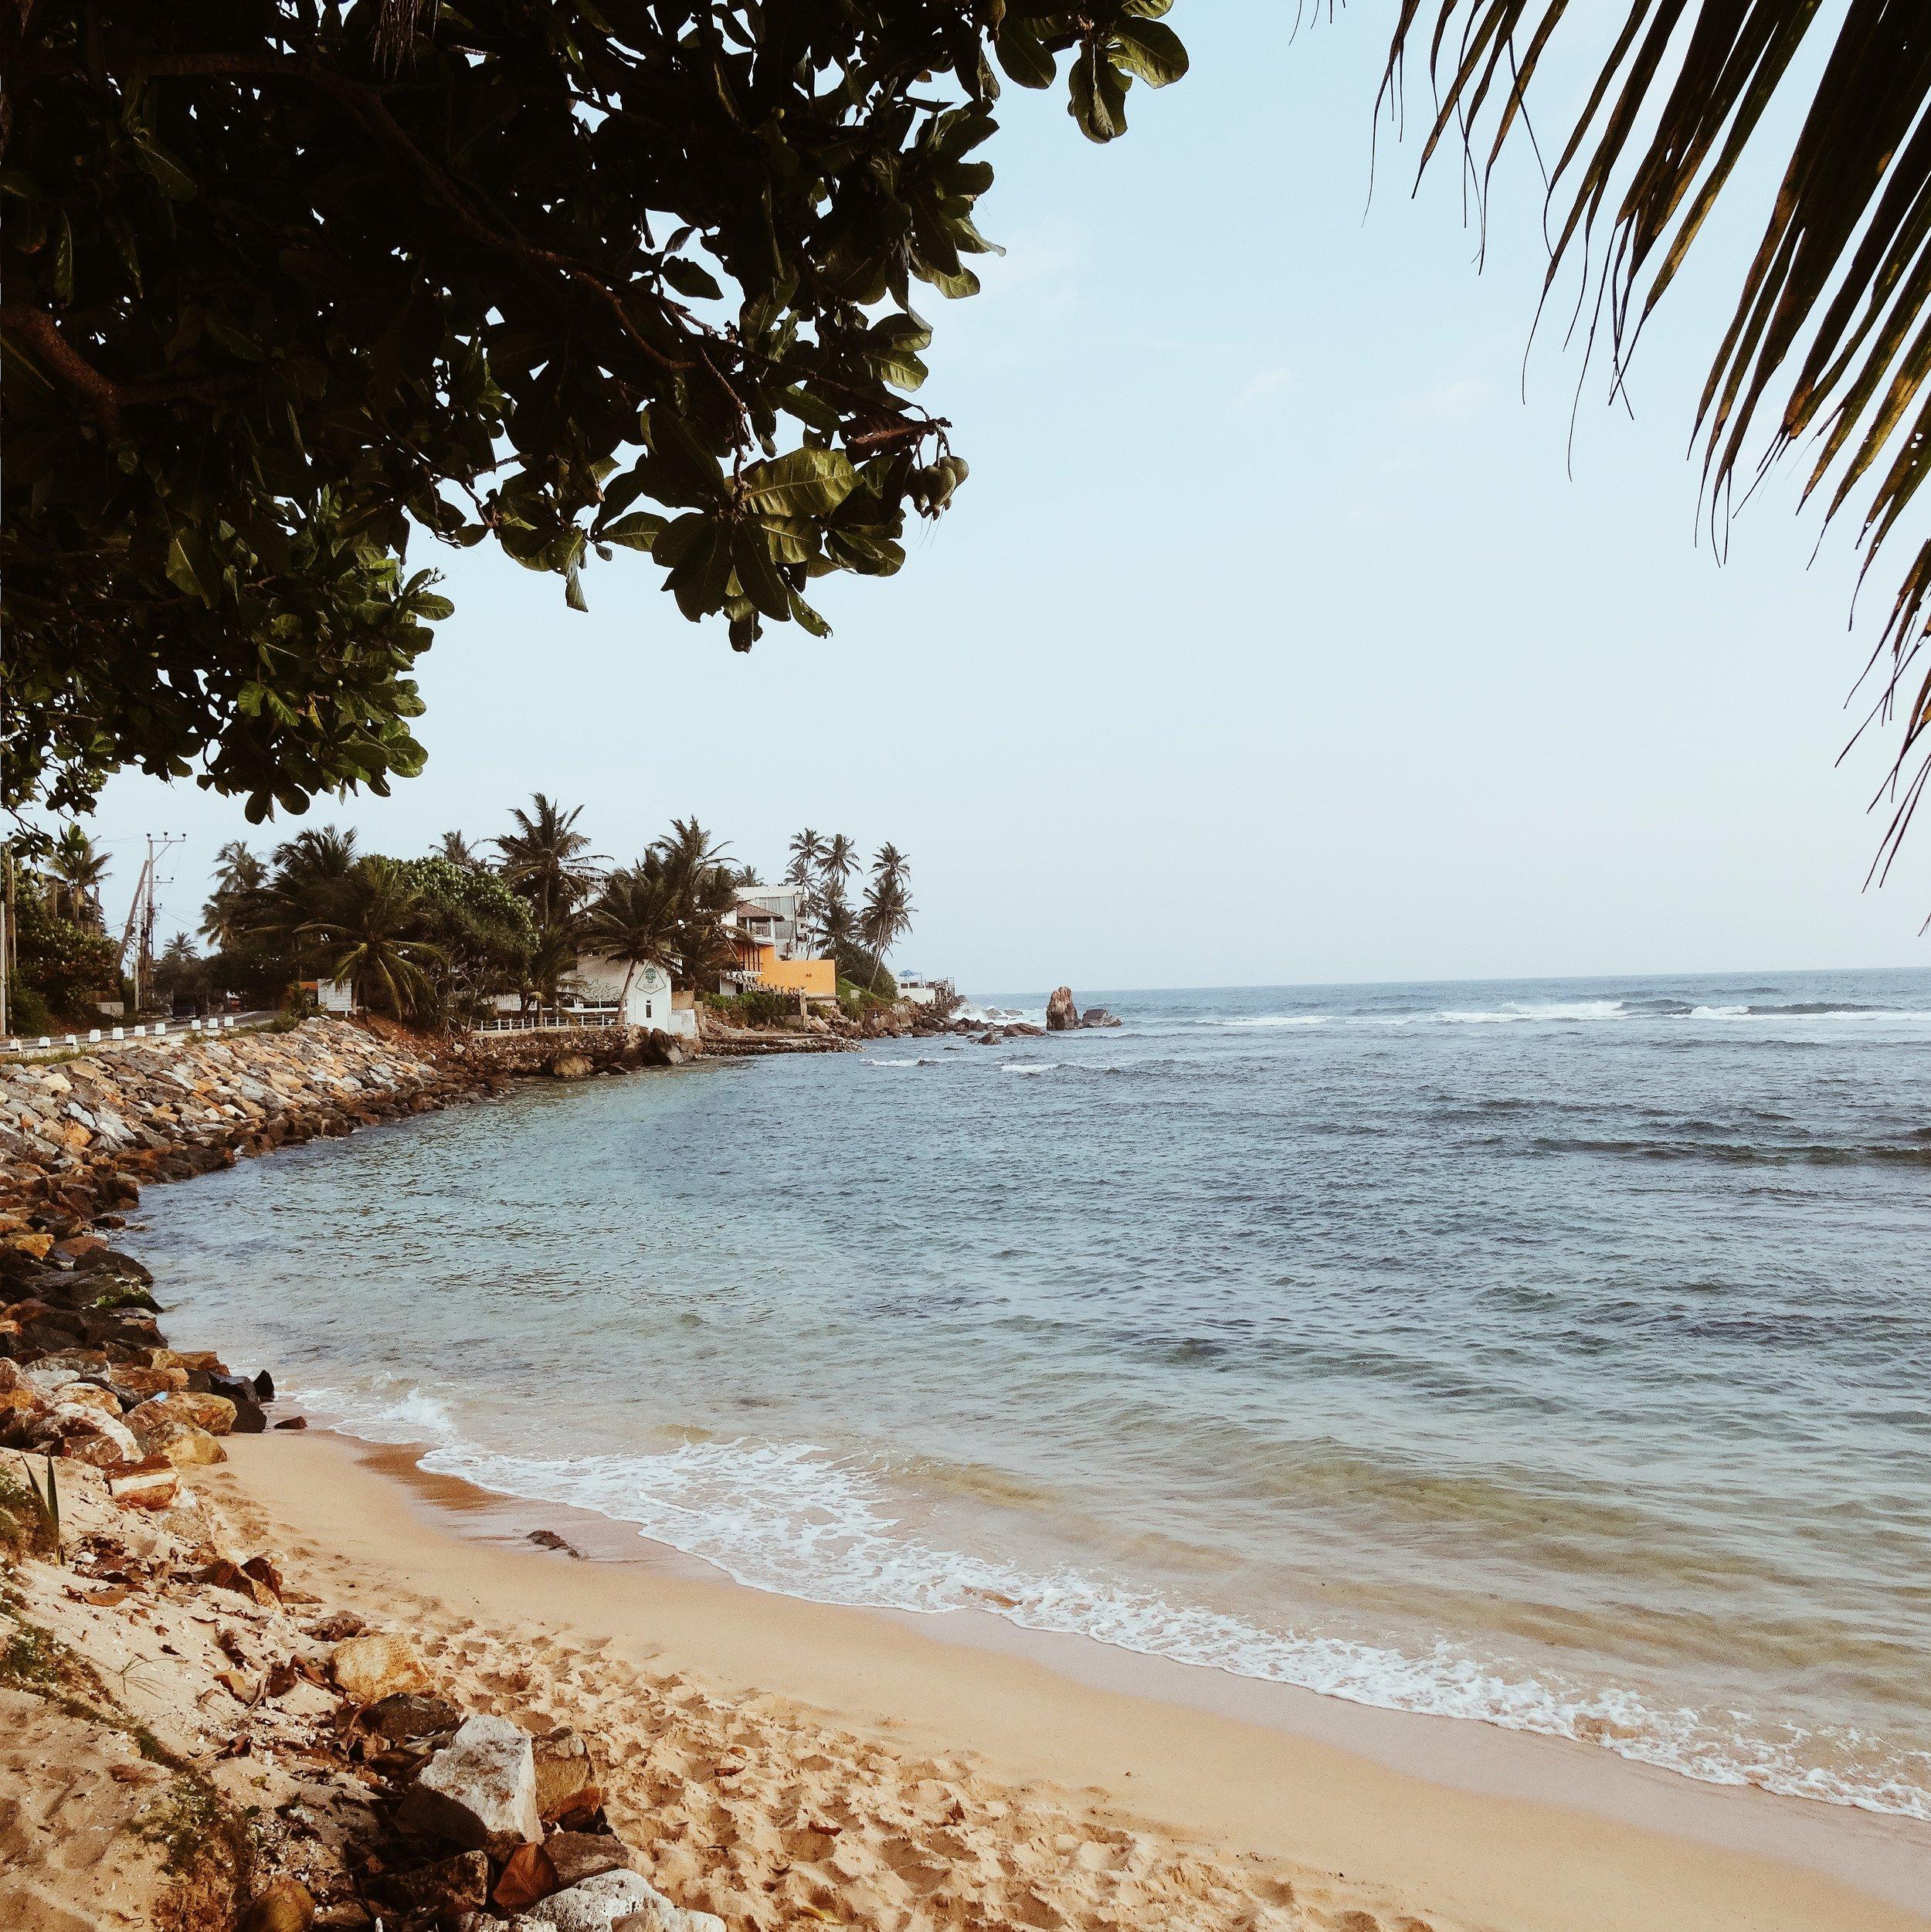 - Feb 14, 2019Ystävänpäiväterkut Unawatunasta, Sri Lankan aurinkorannalta!